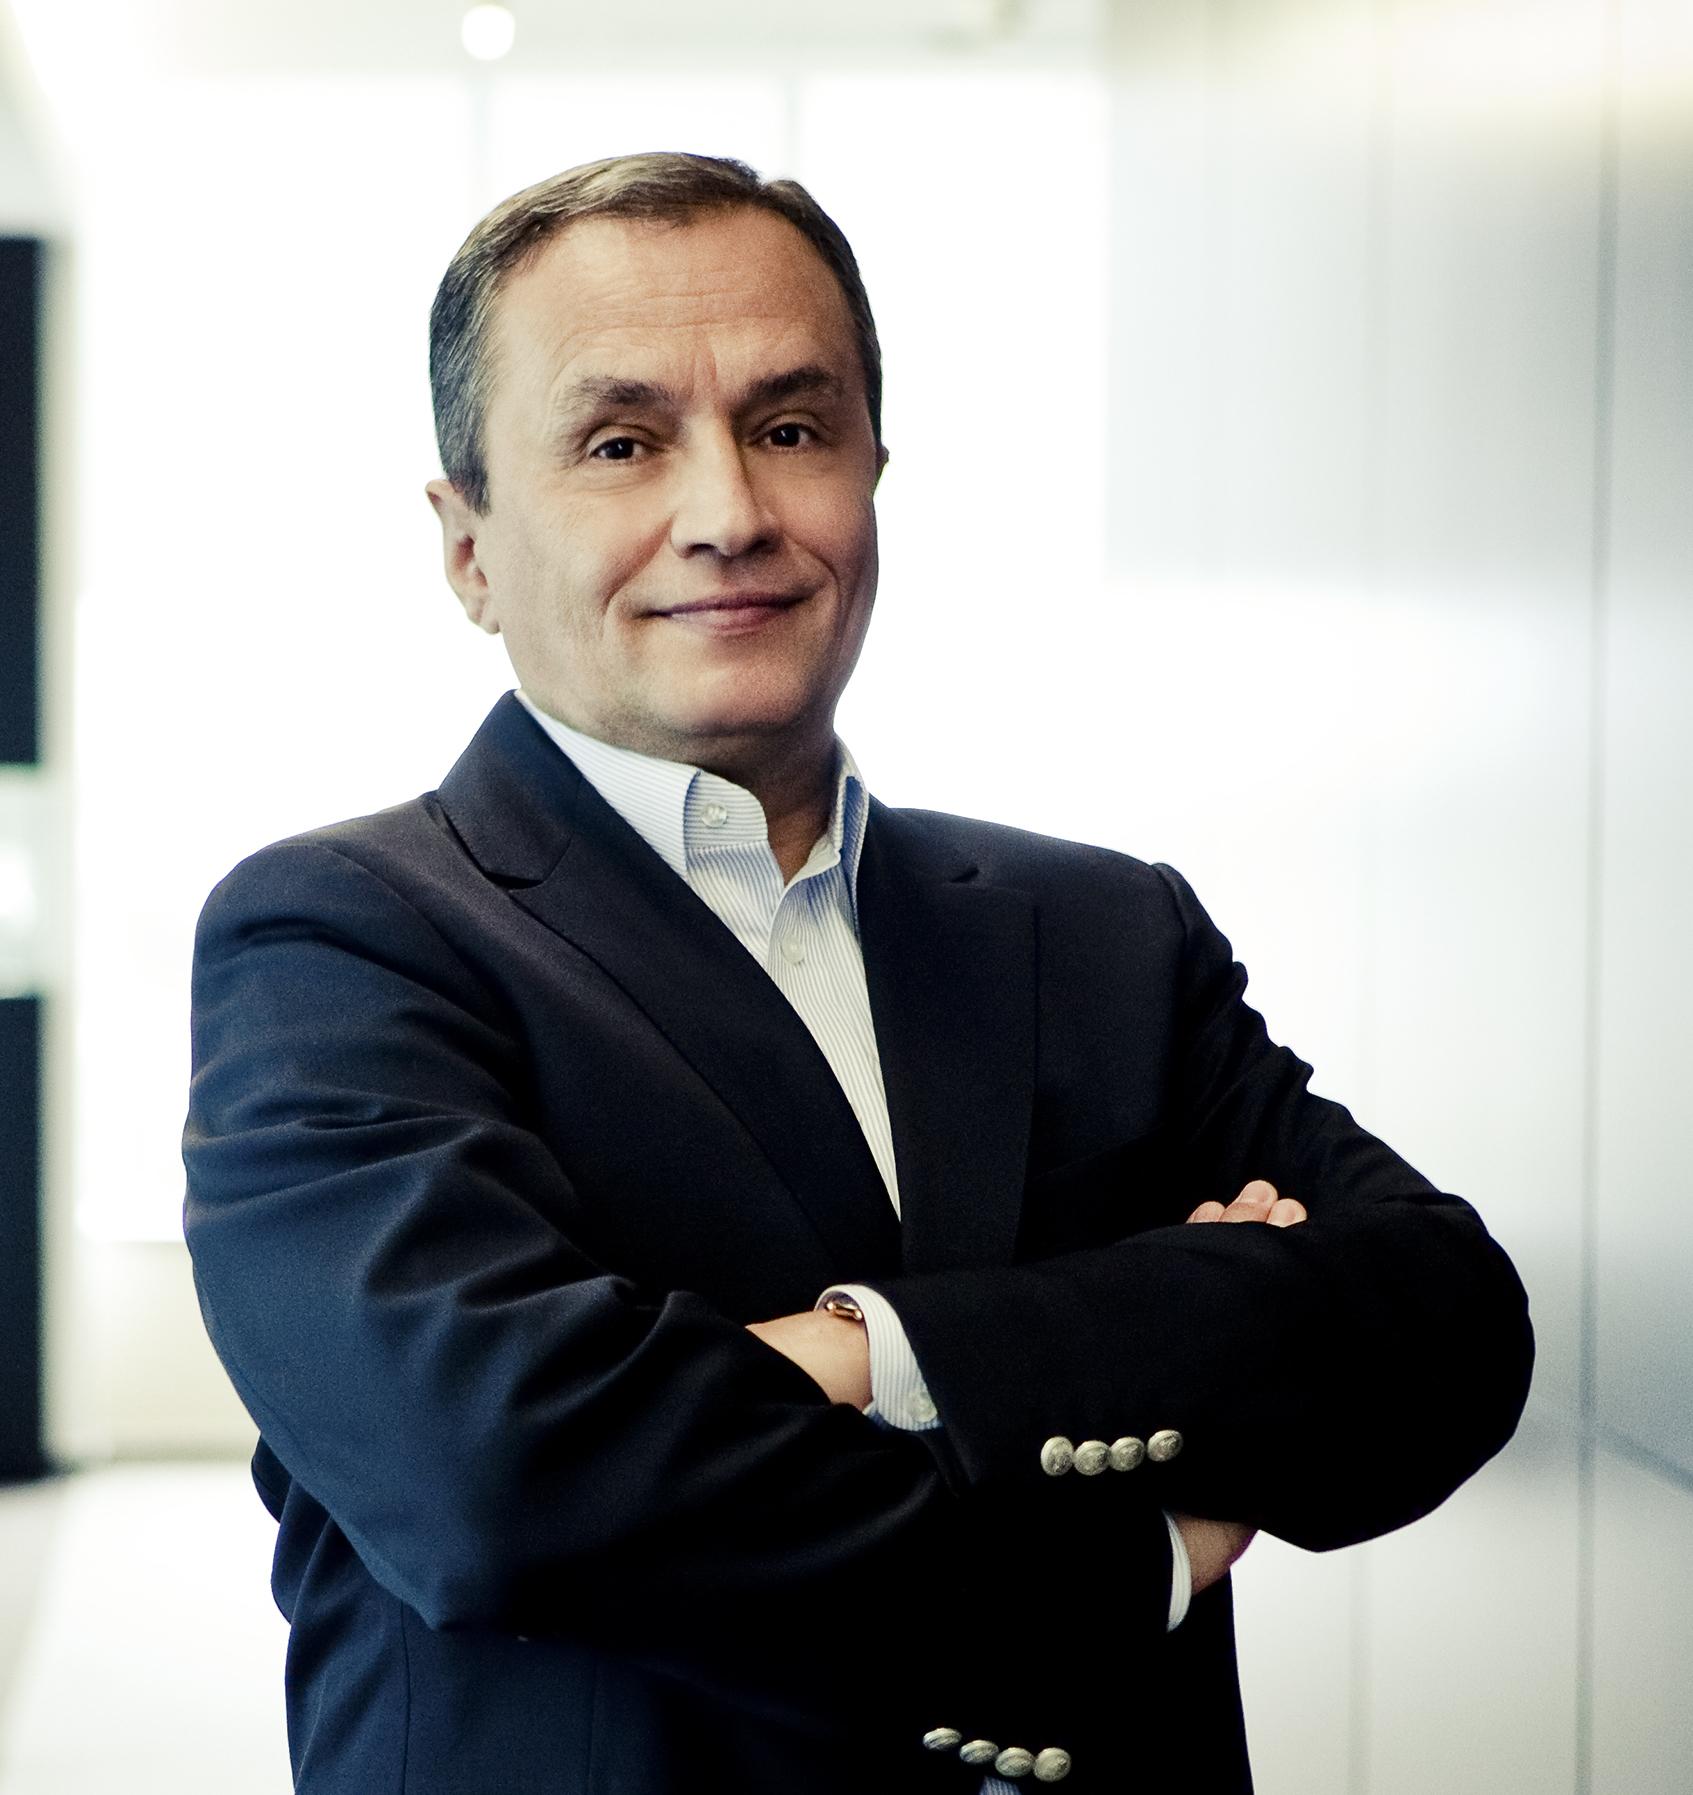 O nouă viaţă: George Copos l-a recrutat pe Vasile Iuga de la PwC, ca preşedinte al boardului Ana Hotels, unde a înlocuit-o pe Alexandra Copos